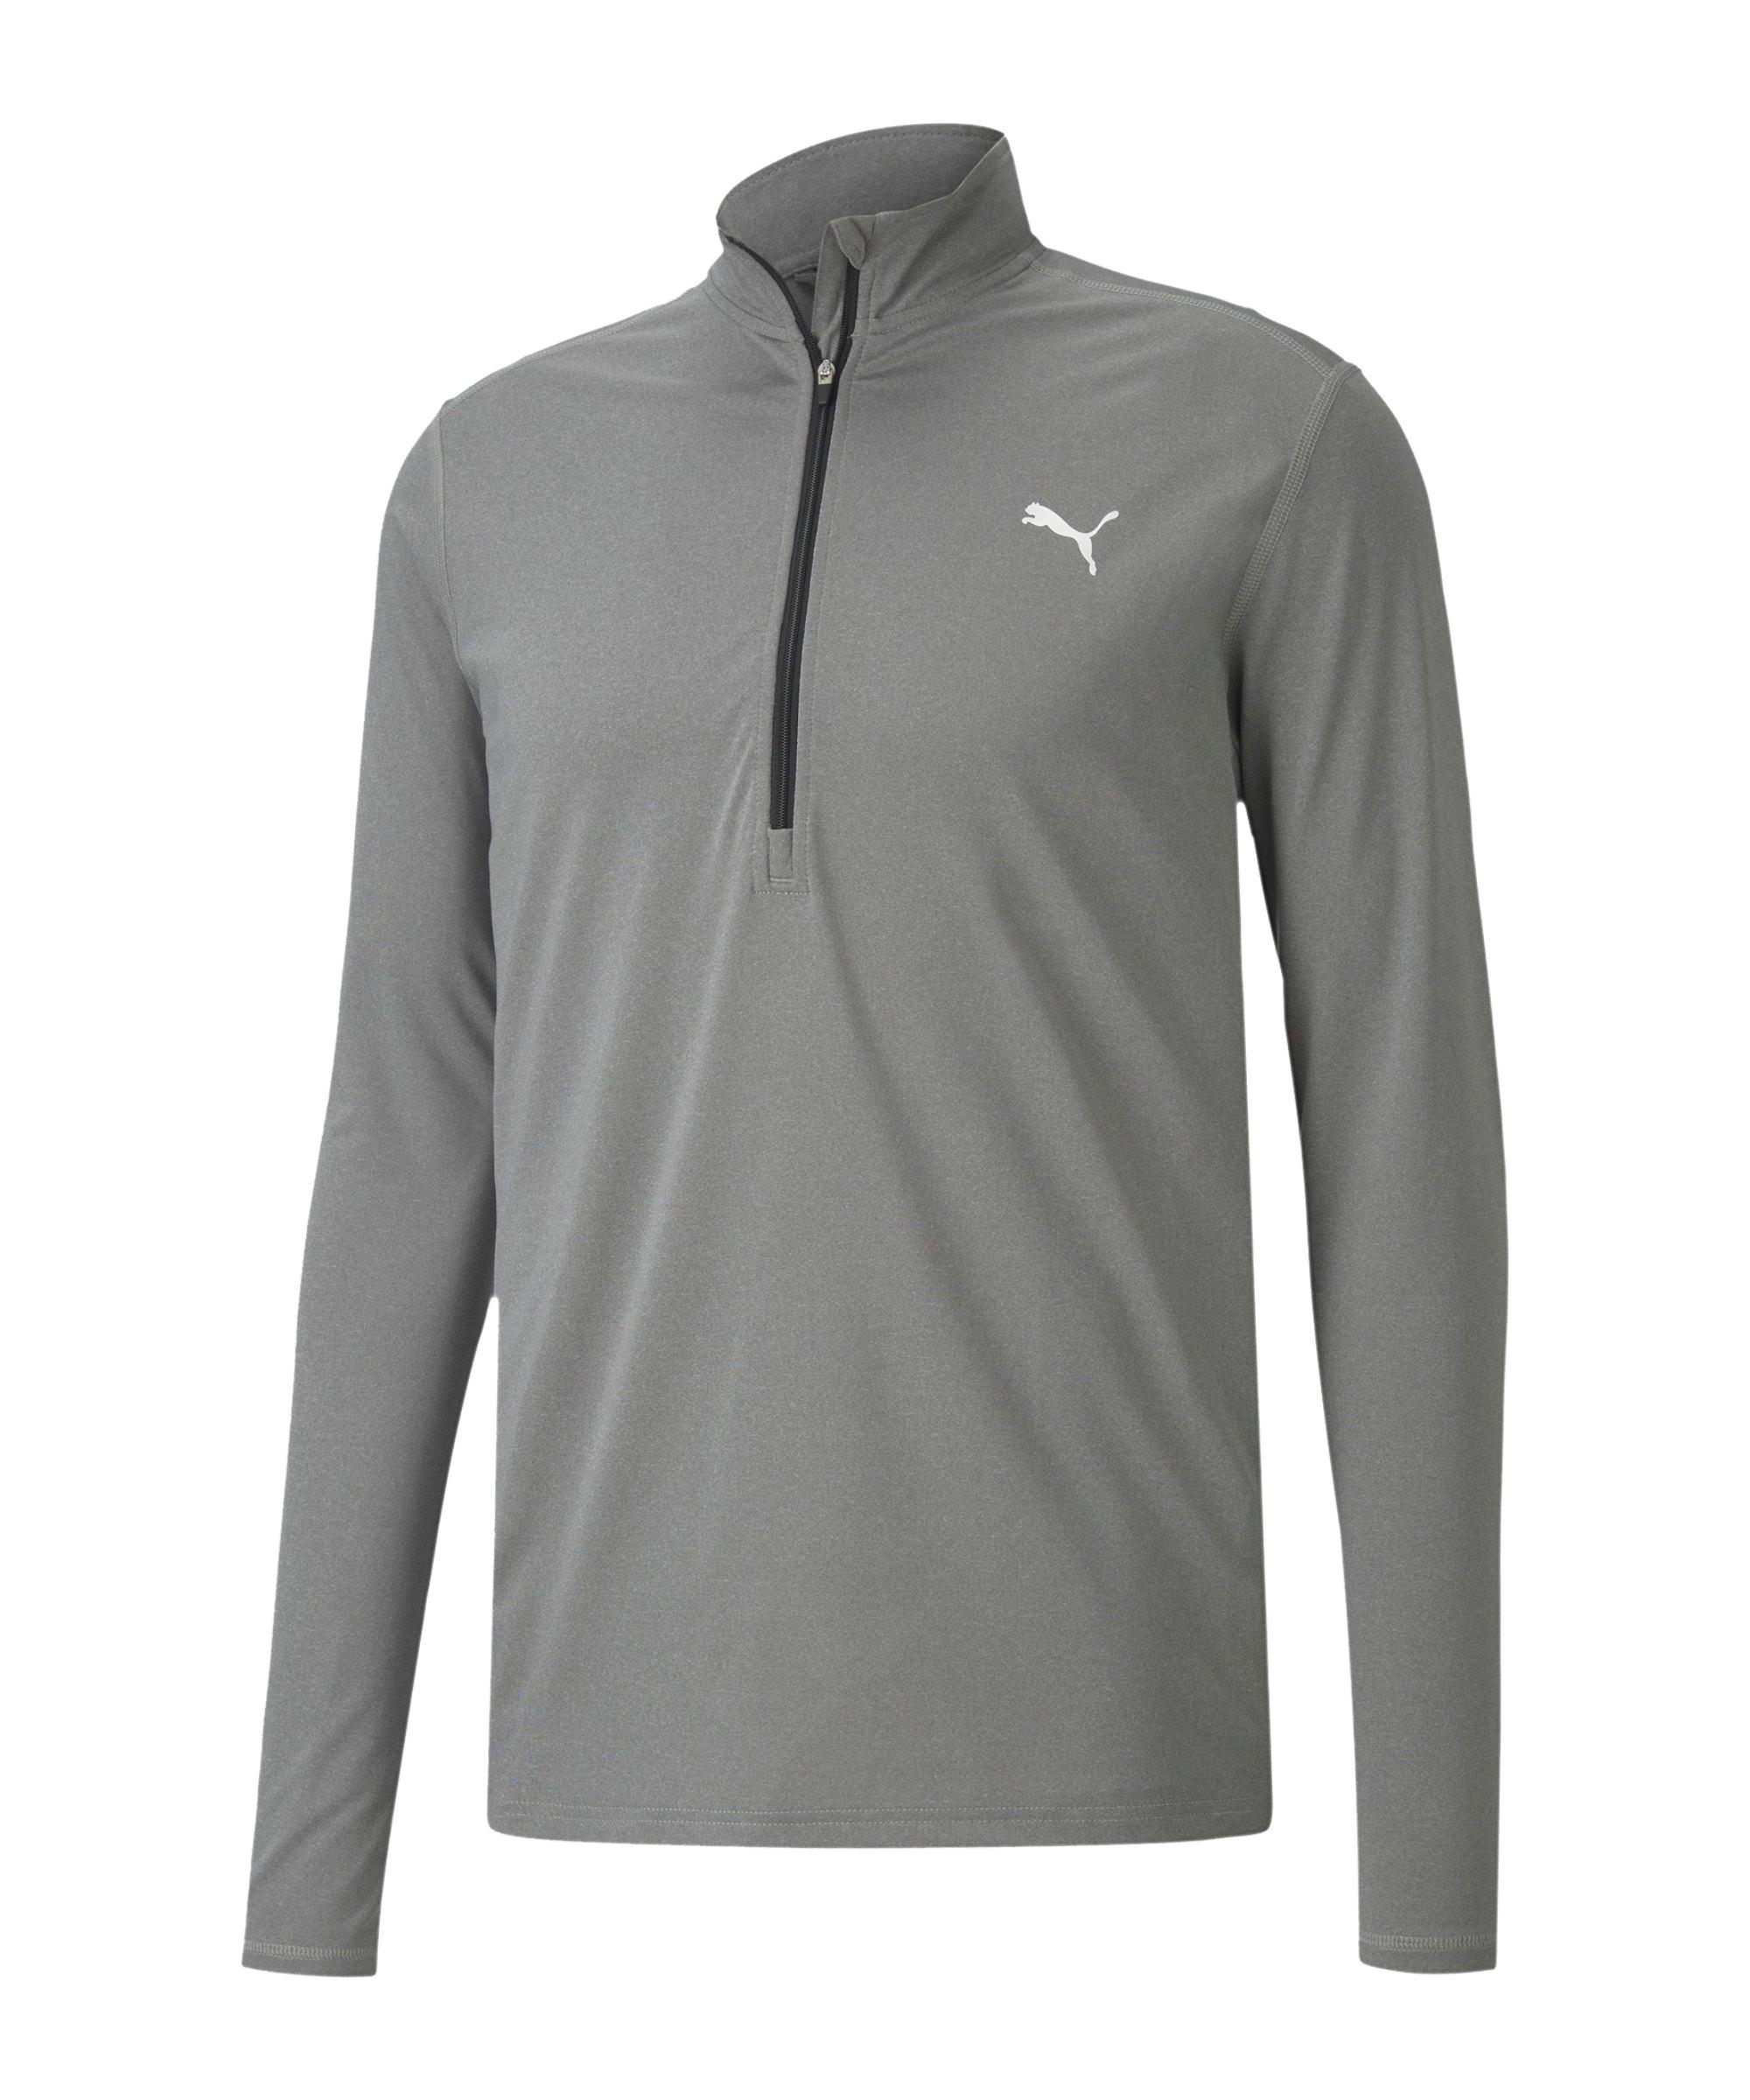 PUMA Cross the Line HalfZip Sweatshirt Grau F01 - grau